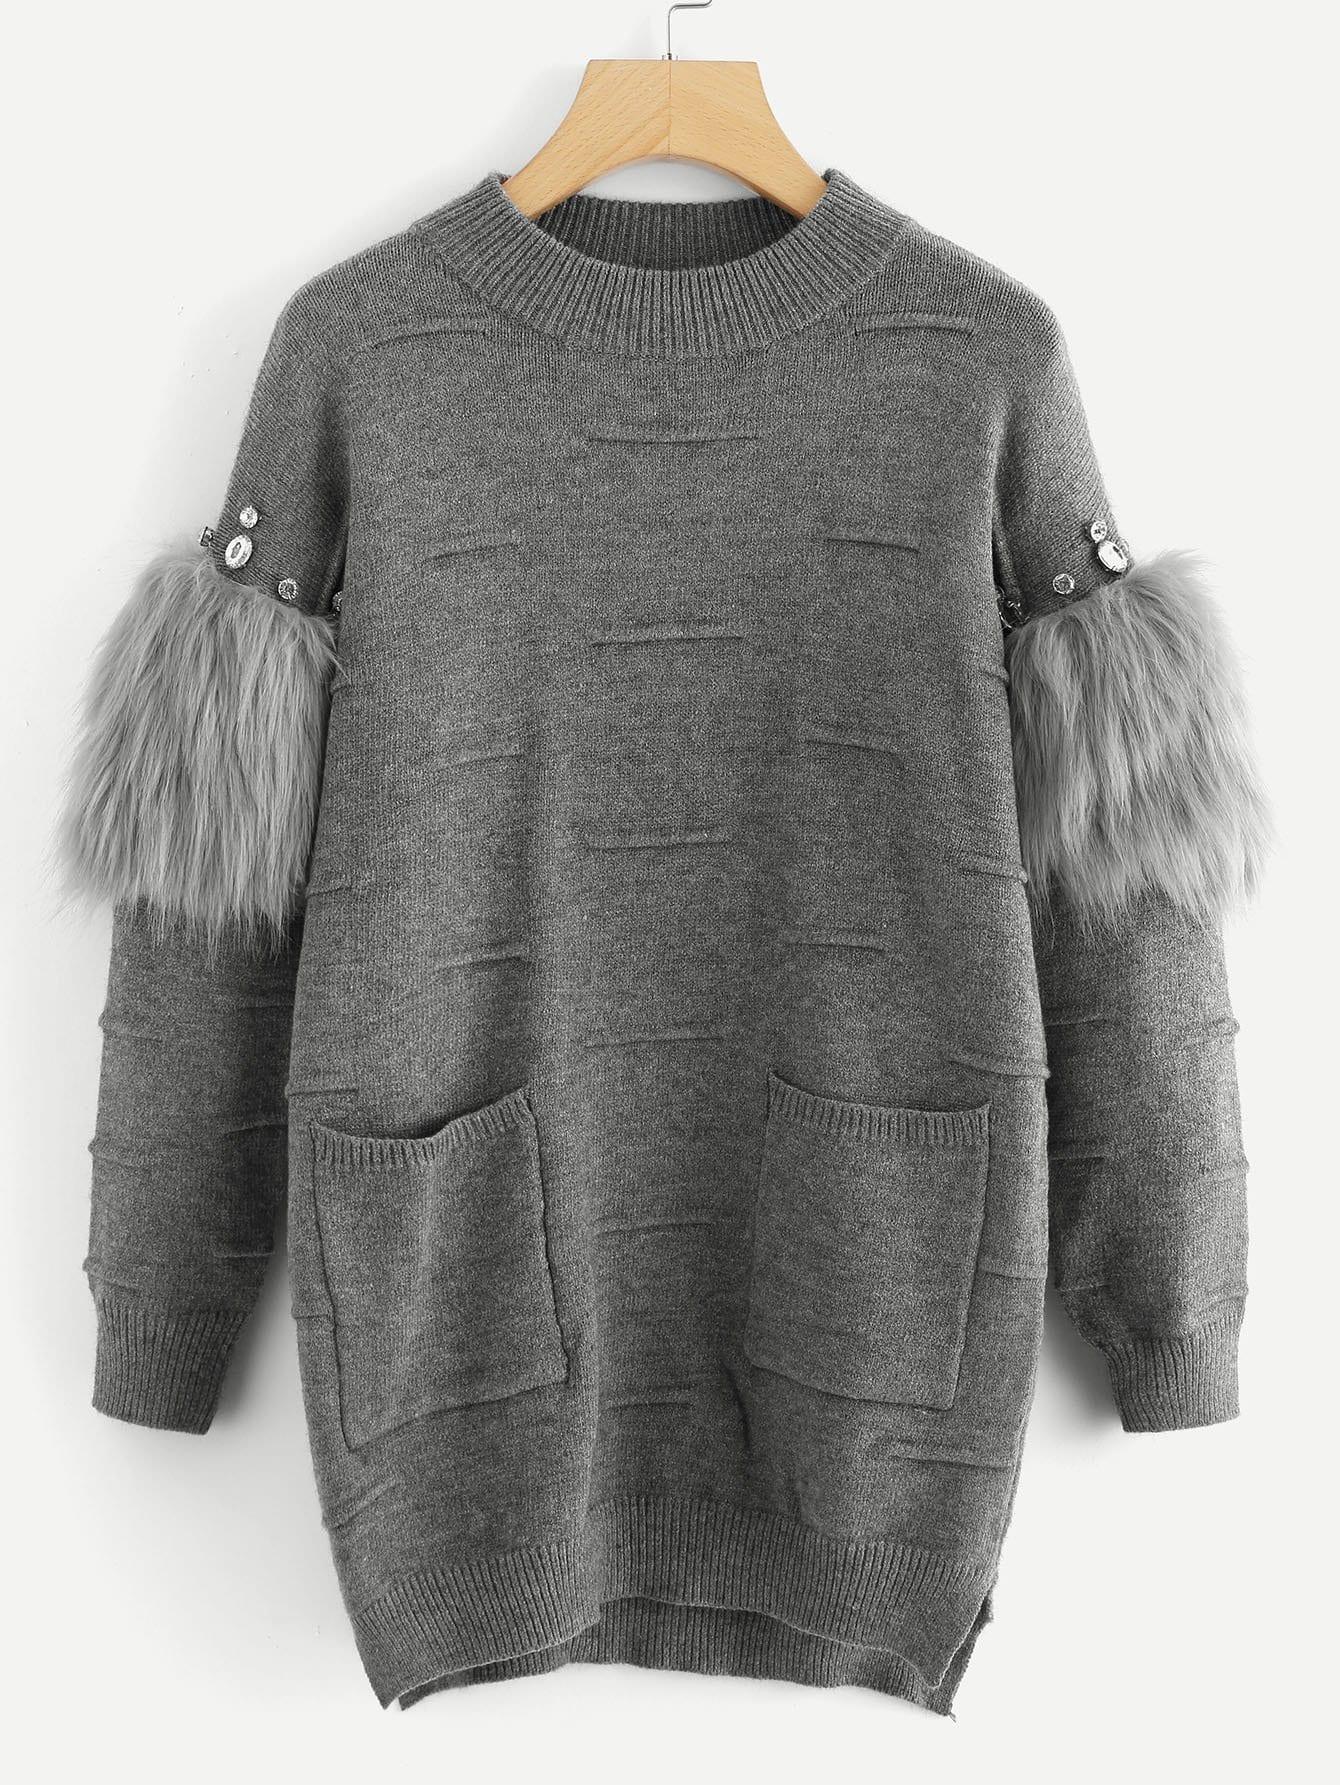 Купить Rhinestone и искусственный мех украшенный текстурированный свитер, null, SheIn